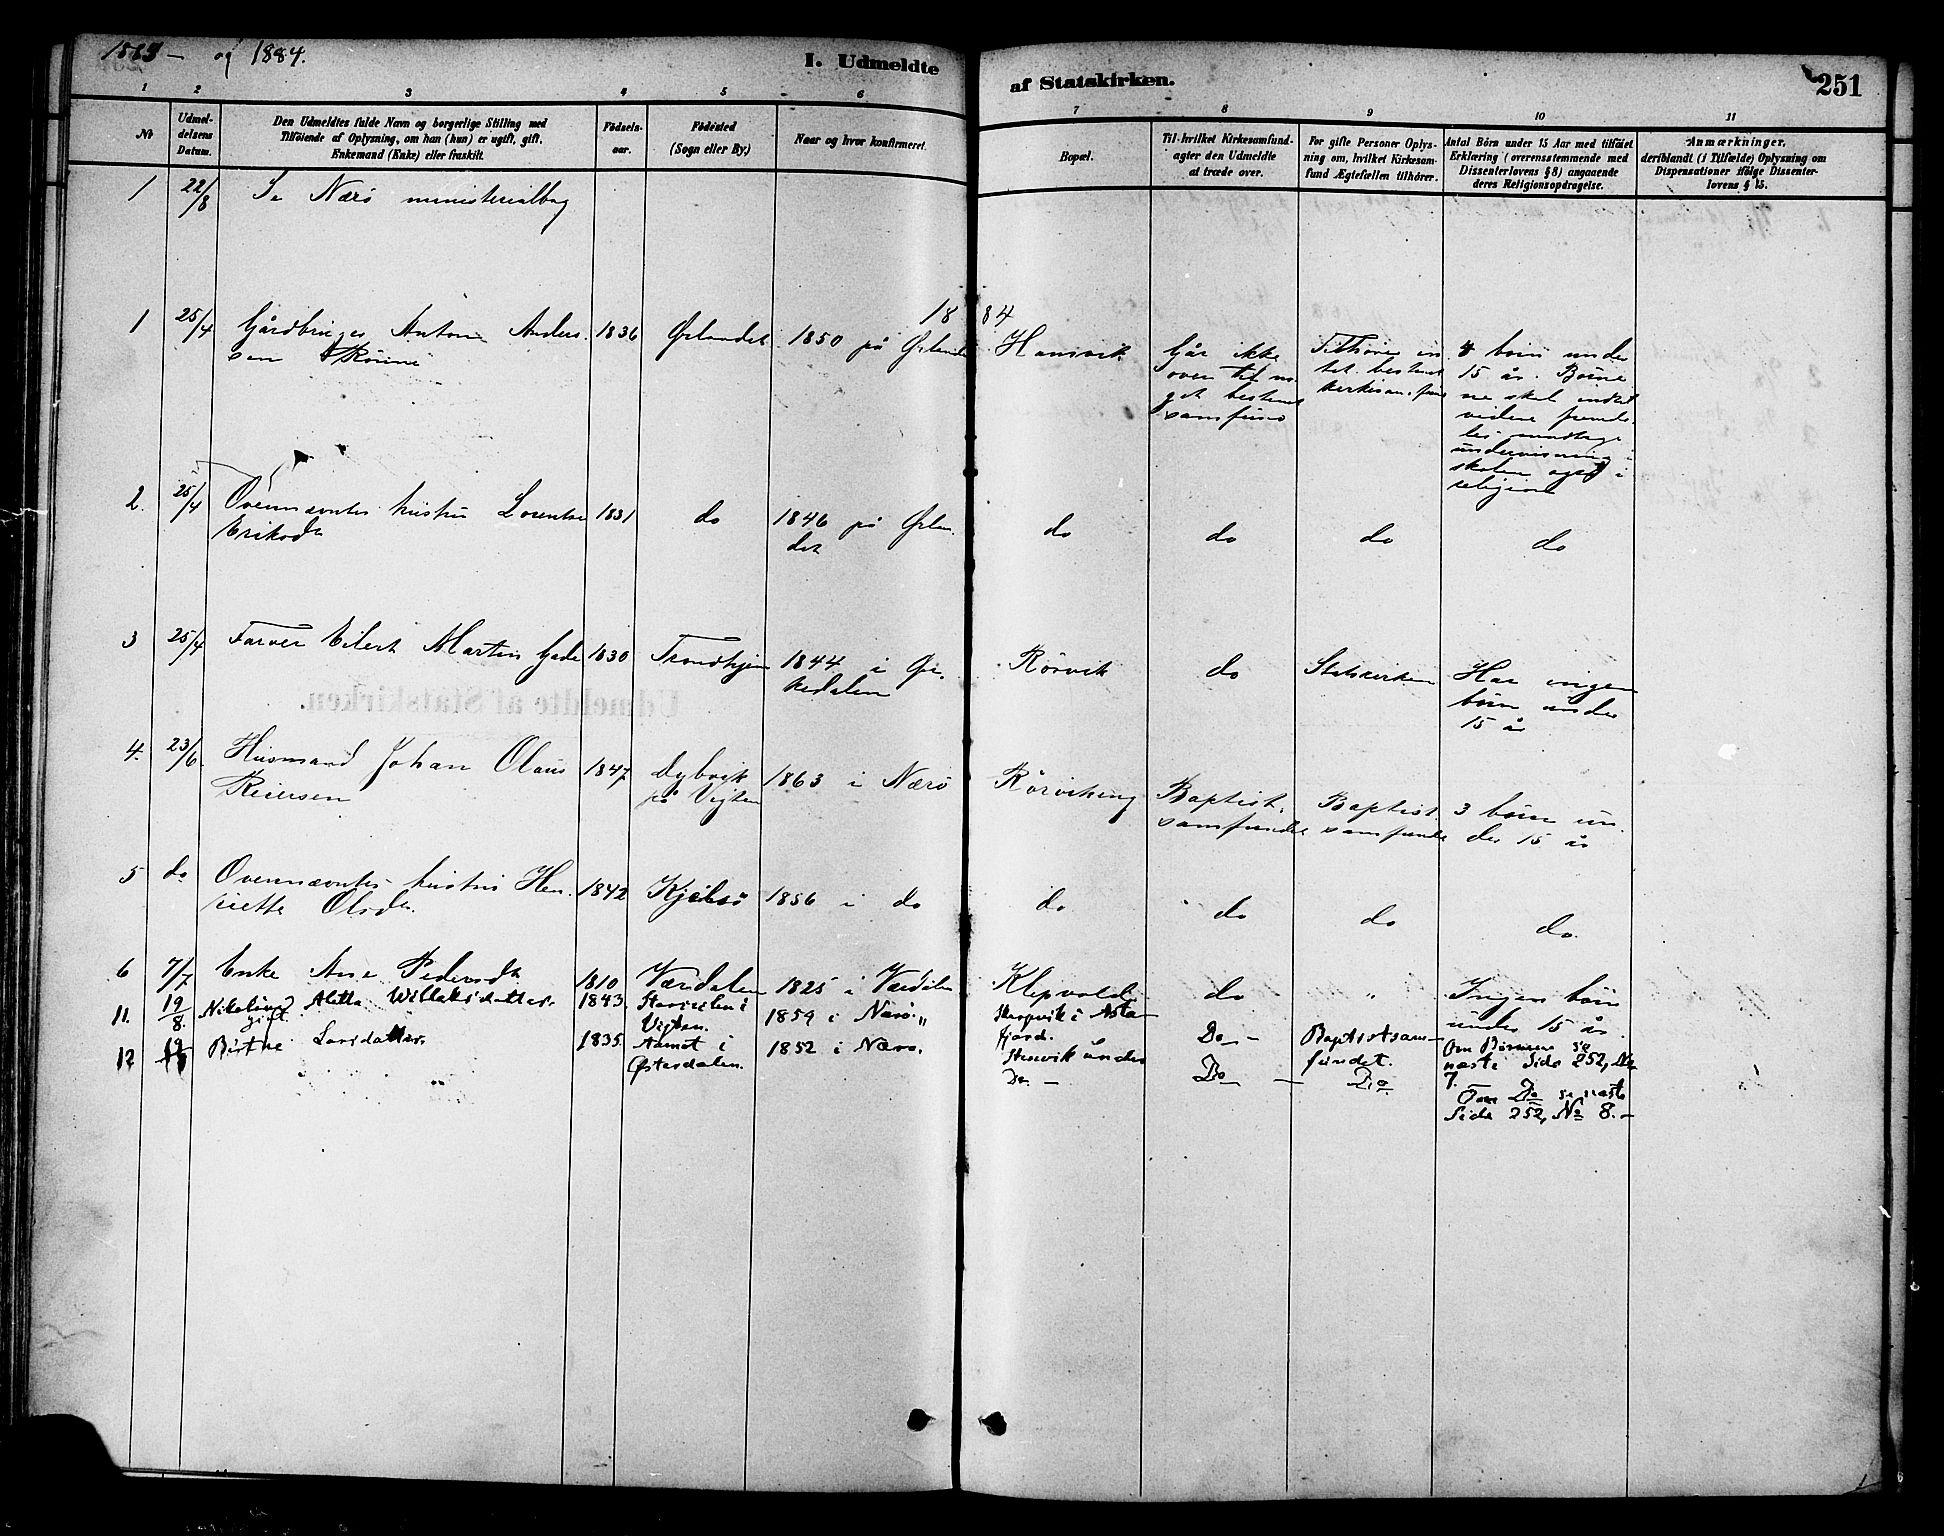 SAT, Ministerialprotokoller, klokkerbøker og fødselsregistre - Nord-Trøndelag, 786/L0686: Ministerialbok nr. 786A02, 1880-1887, s. 251